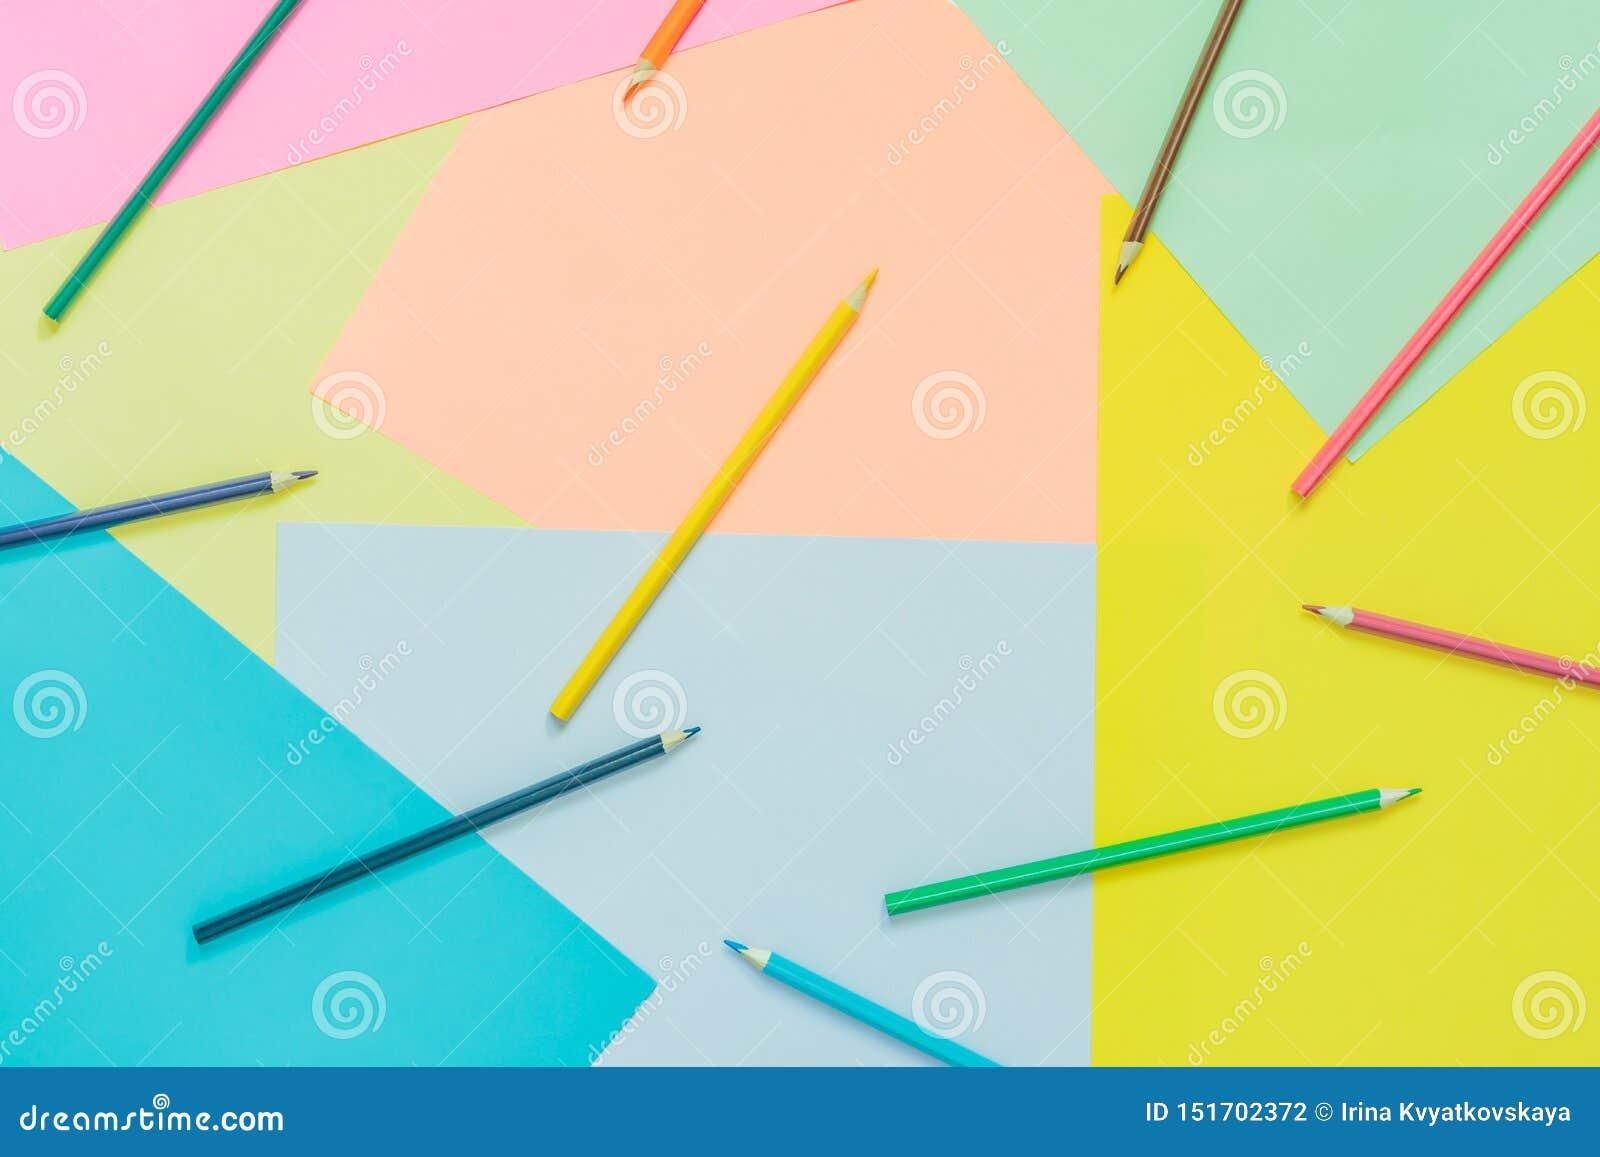 Αφηρημένα διαφορετικά πολύχρωμα καθιερώνοντα τη μόδα υπόβαθρα νέου με τα μολύβια και θέση για το κείμενο r